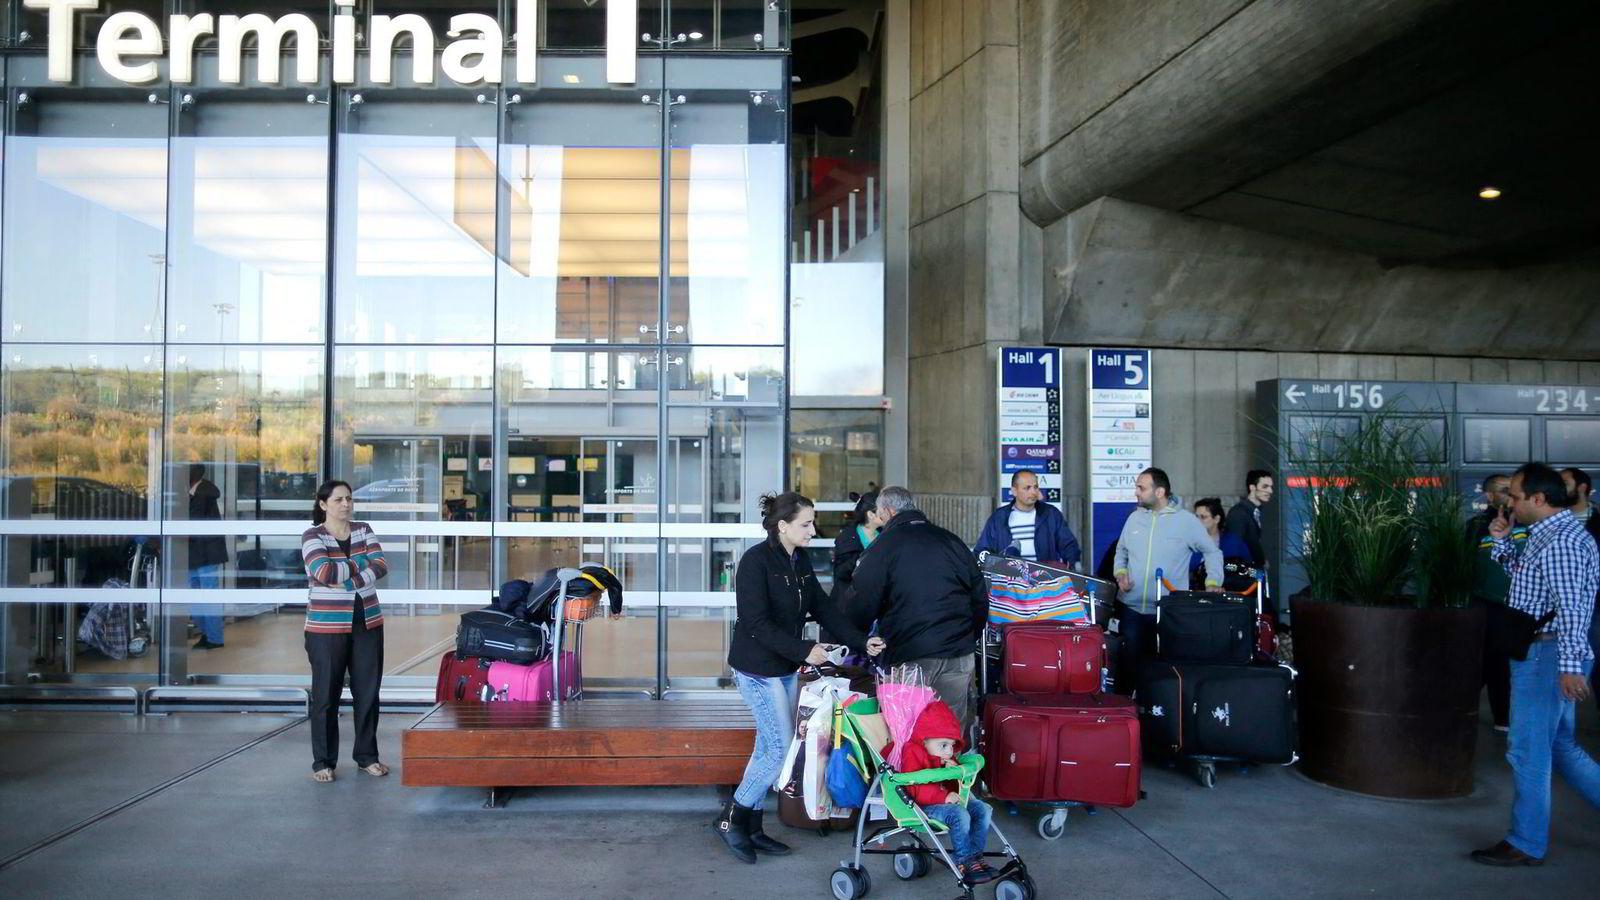 Ifølge Clemens viser mikrostudier at det er de rikeste blant fattige husholdninger som har størst tendens til å emigrere til rikere land, skriver artikkelforfatteren. Her har en familie syriske flyktninger ankommet Terminal 1 ved Charles de Gaulle-flyplassen utenfor Paris i Frankrike. Foto: Stephane Mahe, Reuters/NTB Scanpix